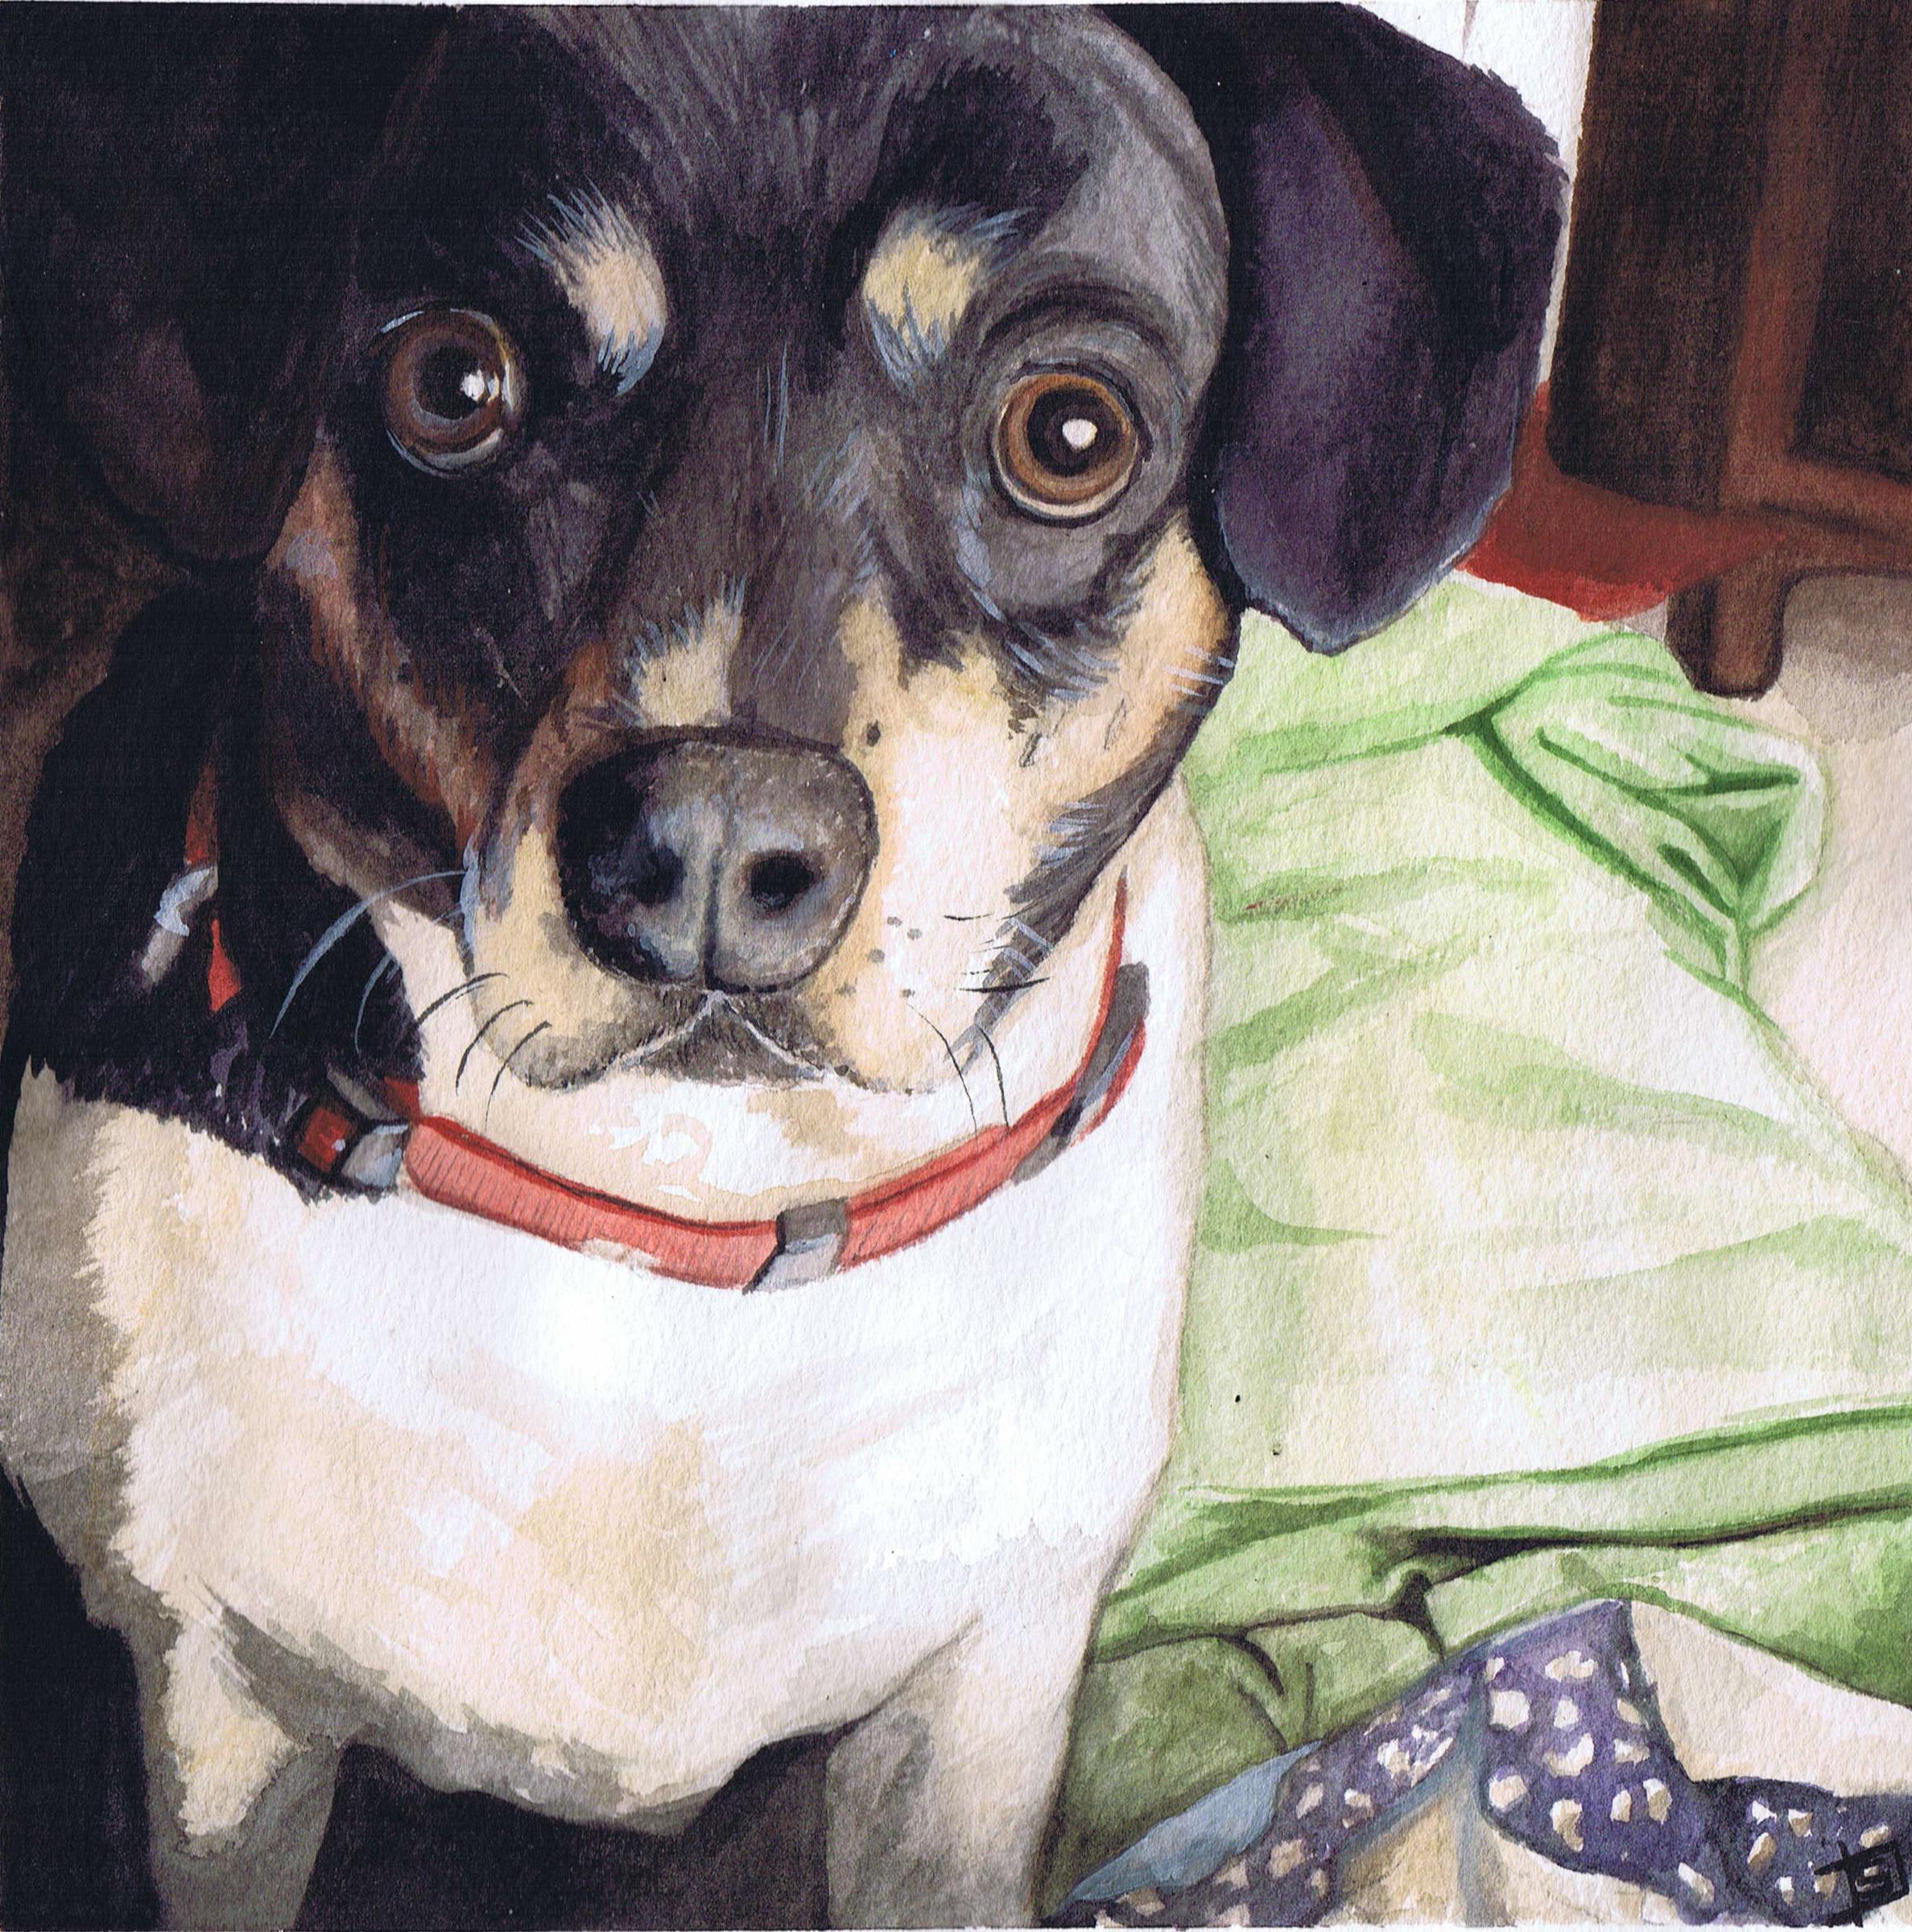 Trudy_dog2_noboarder.jpg